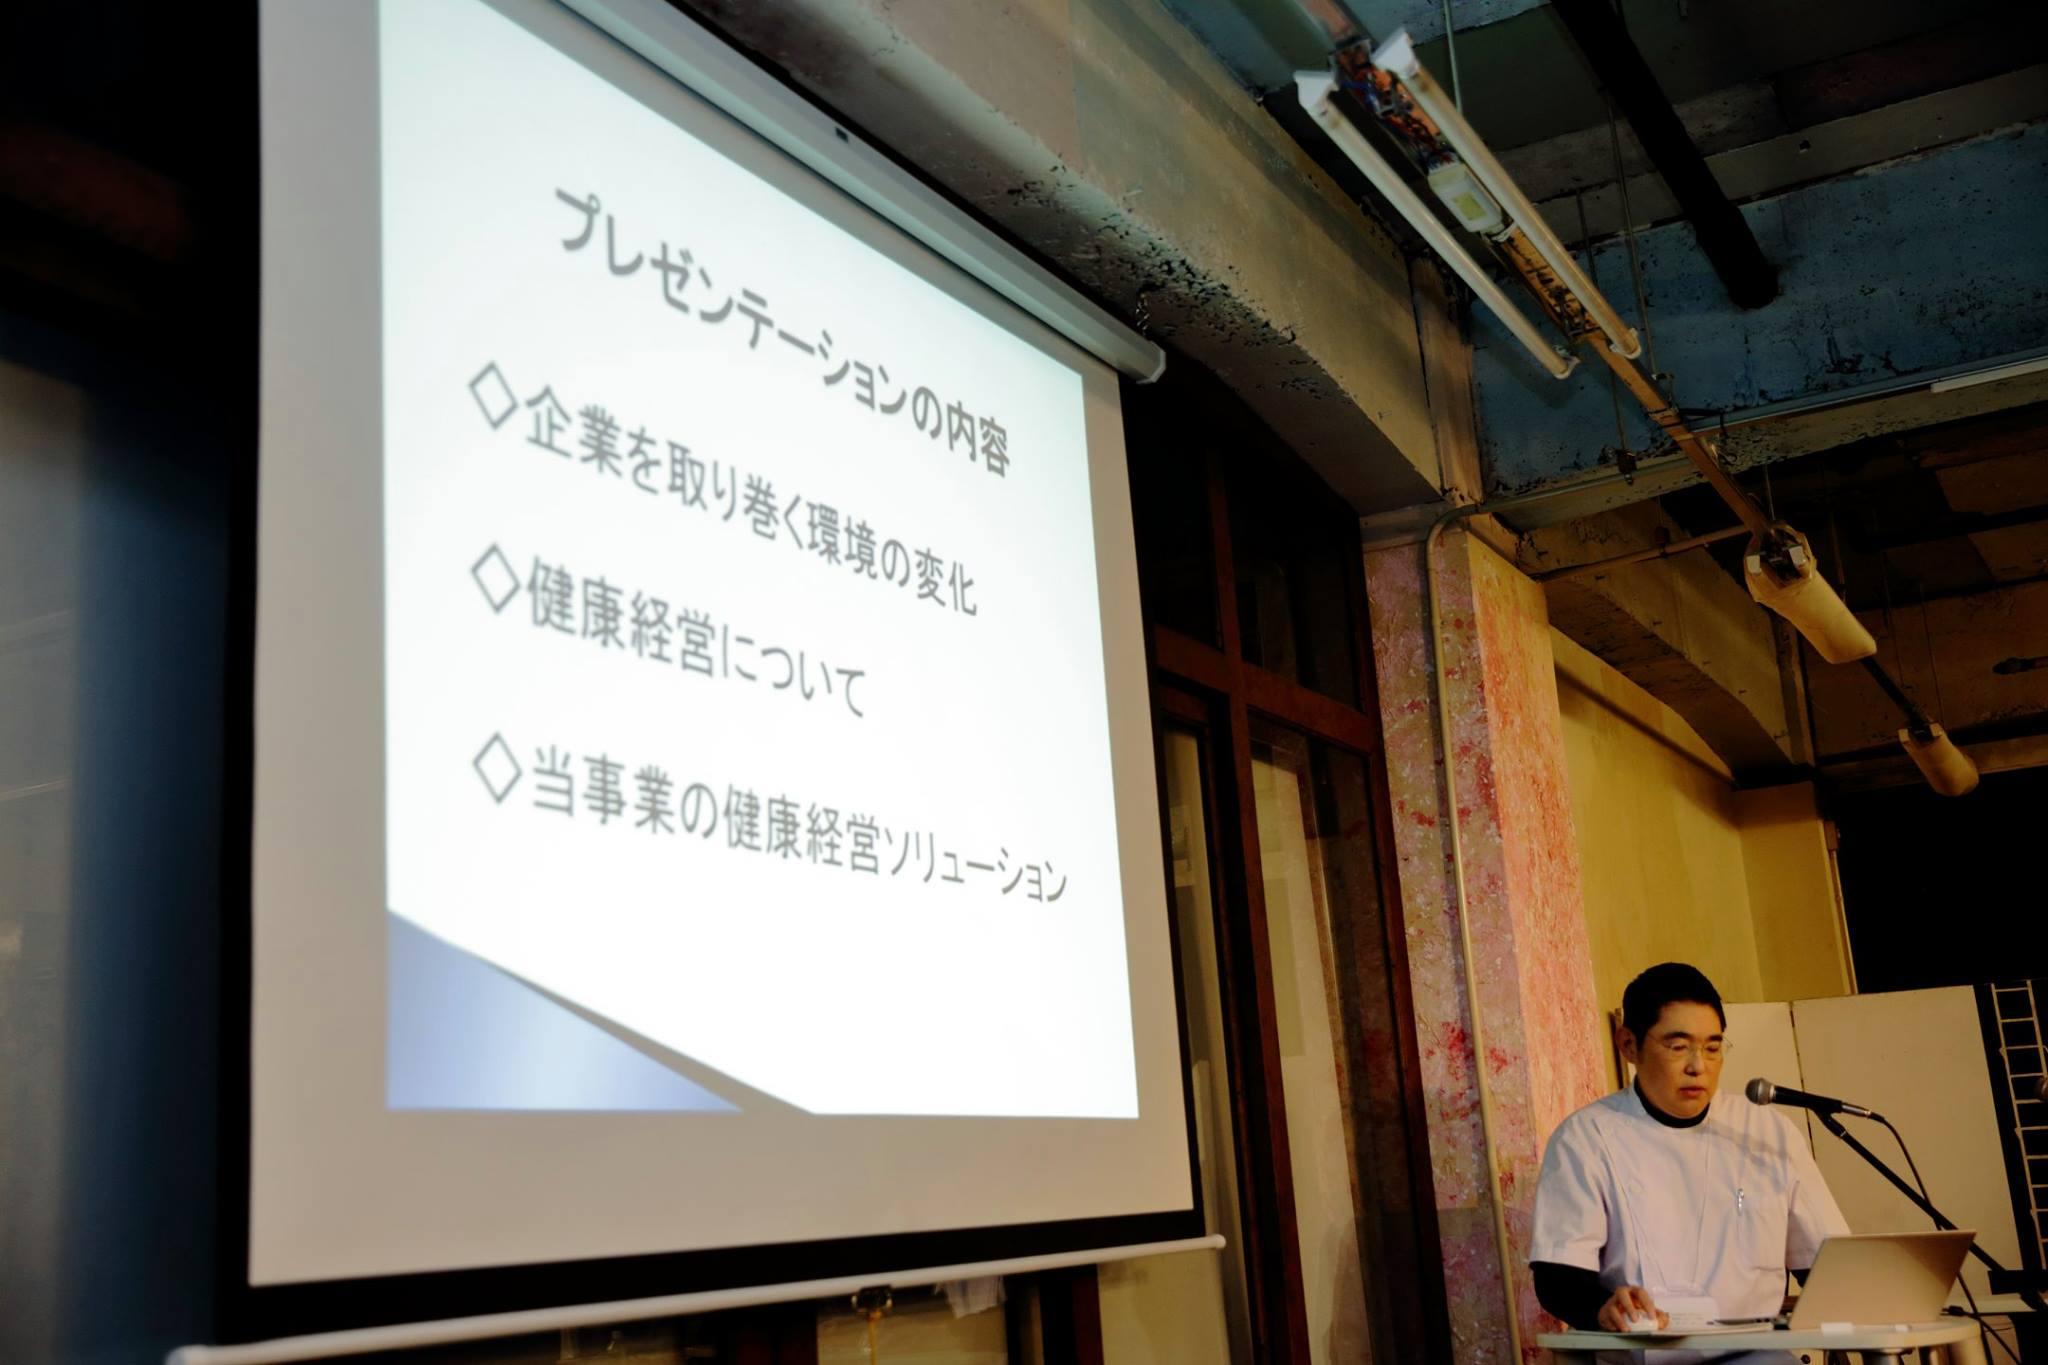 伊藤進さんのビジネスプラン発表の様子